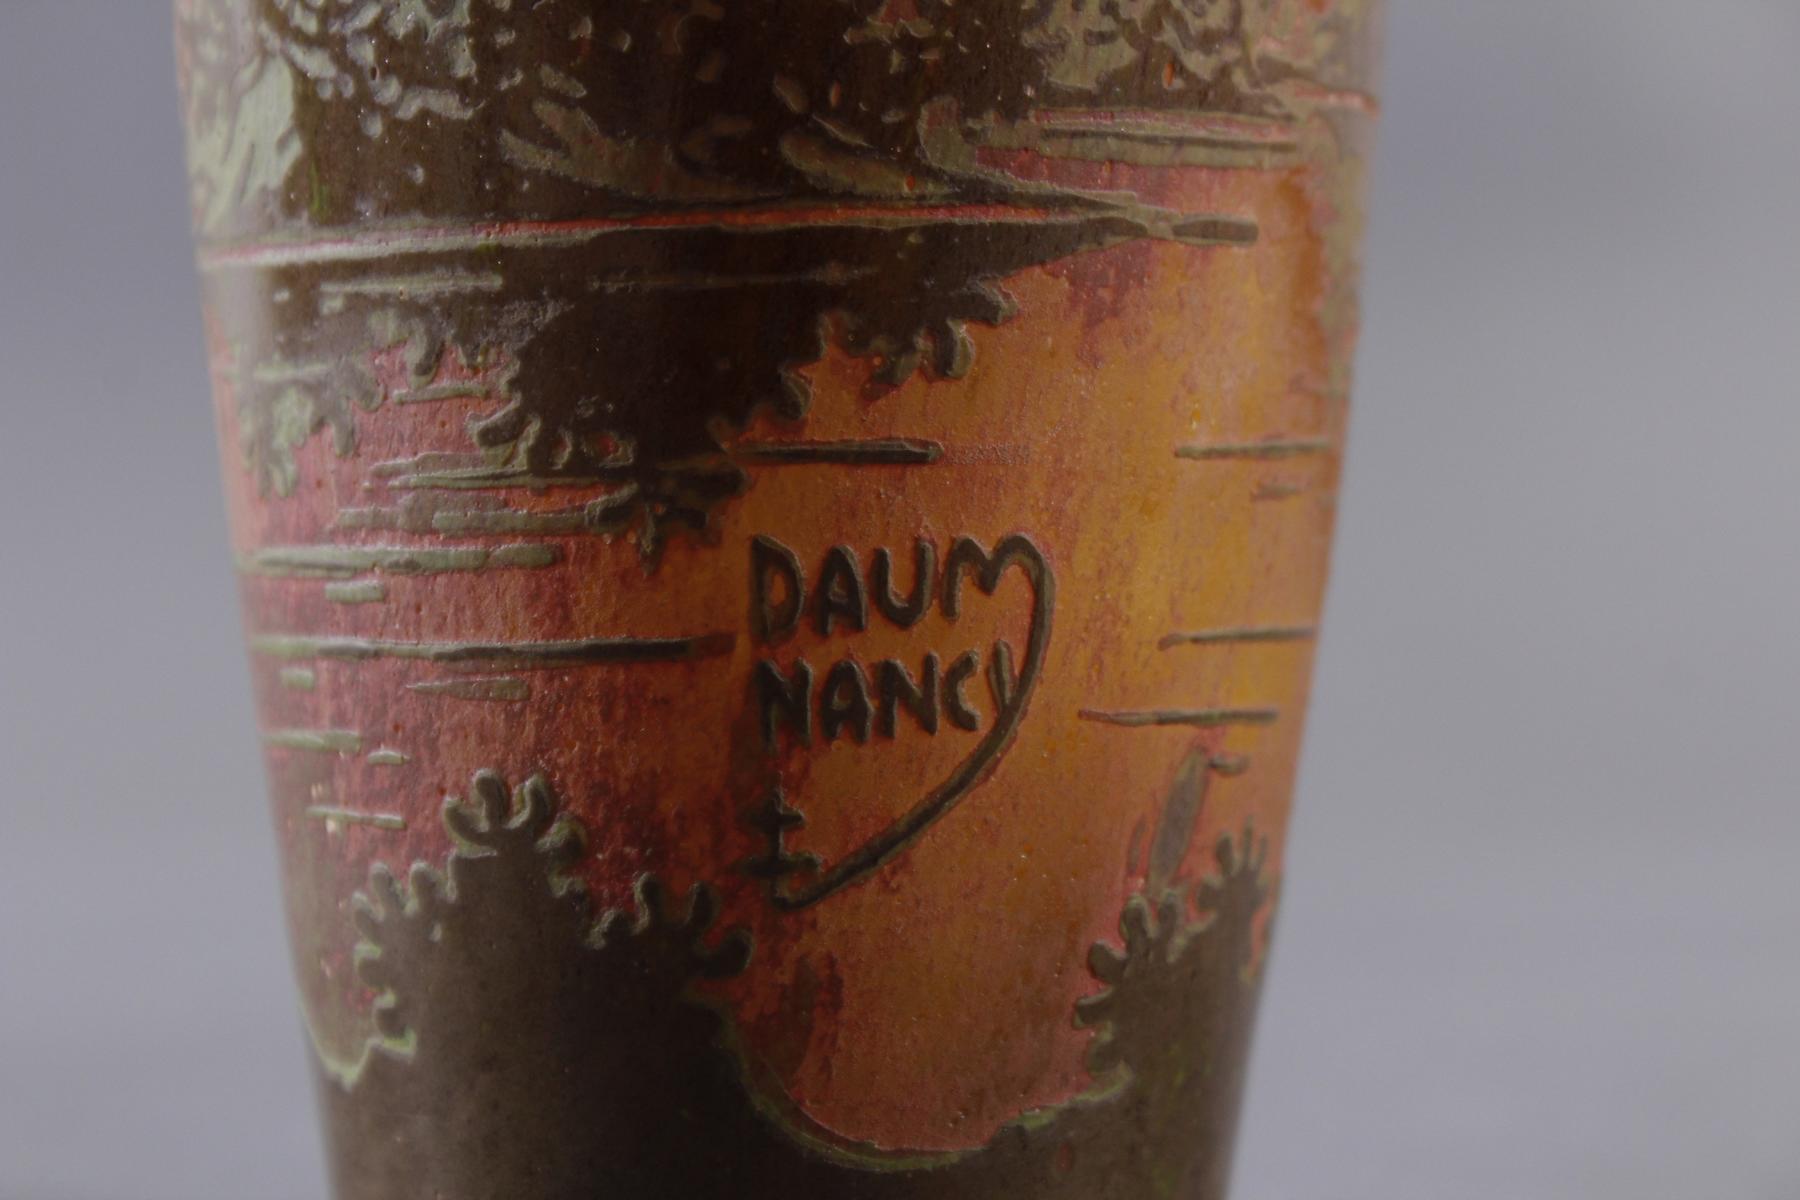 Jugendstil Glasvase, Daum Nancy um 1900-4